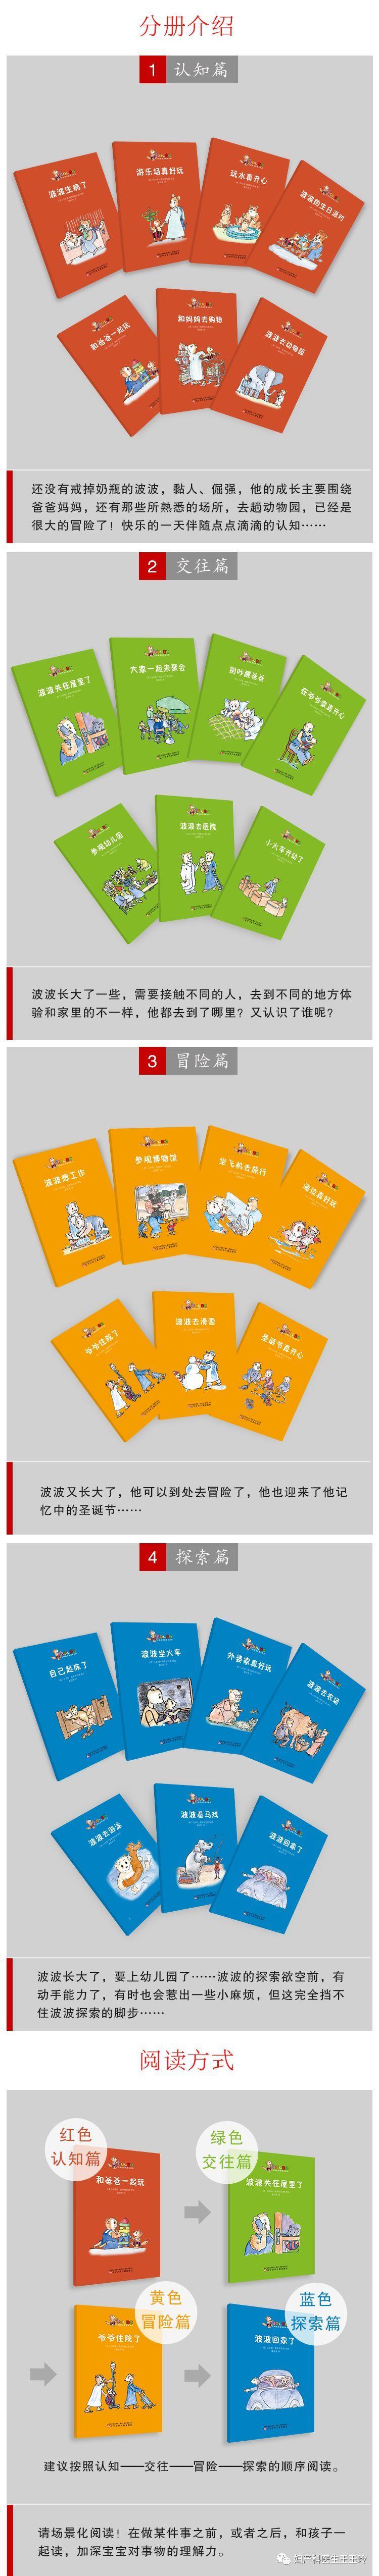 世界经典儿童认知和心理自助、哄睡神书《小睡鼠波波成长系列》,单本低至6元